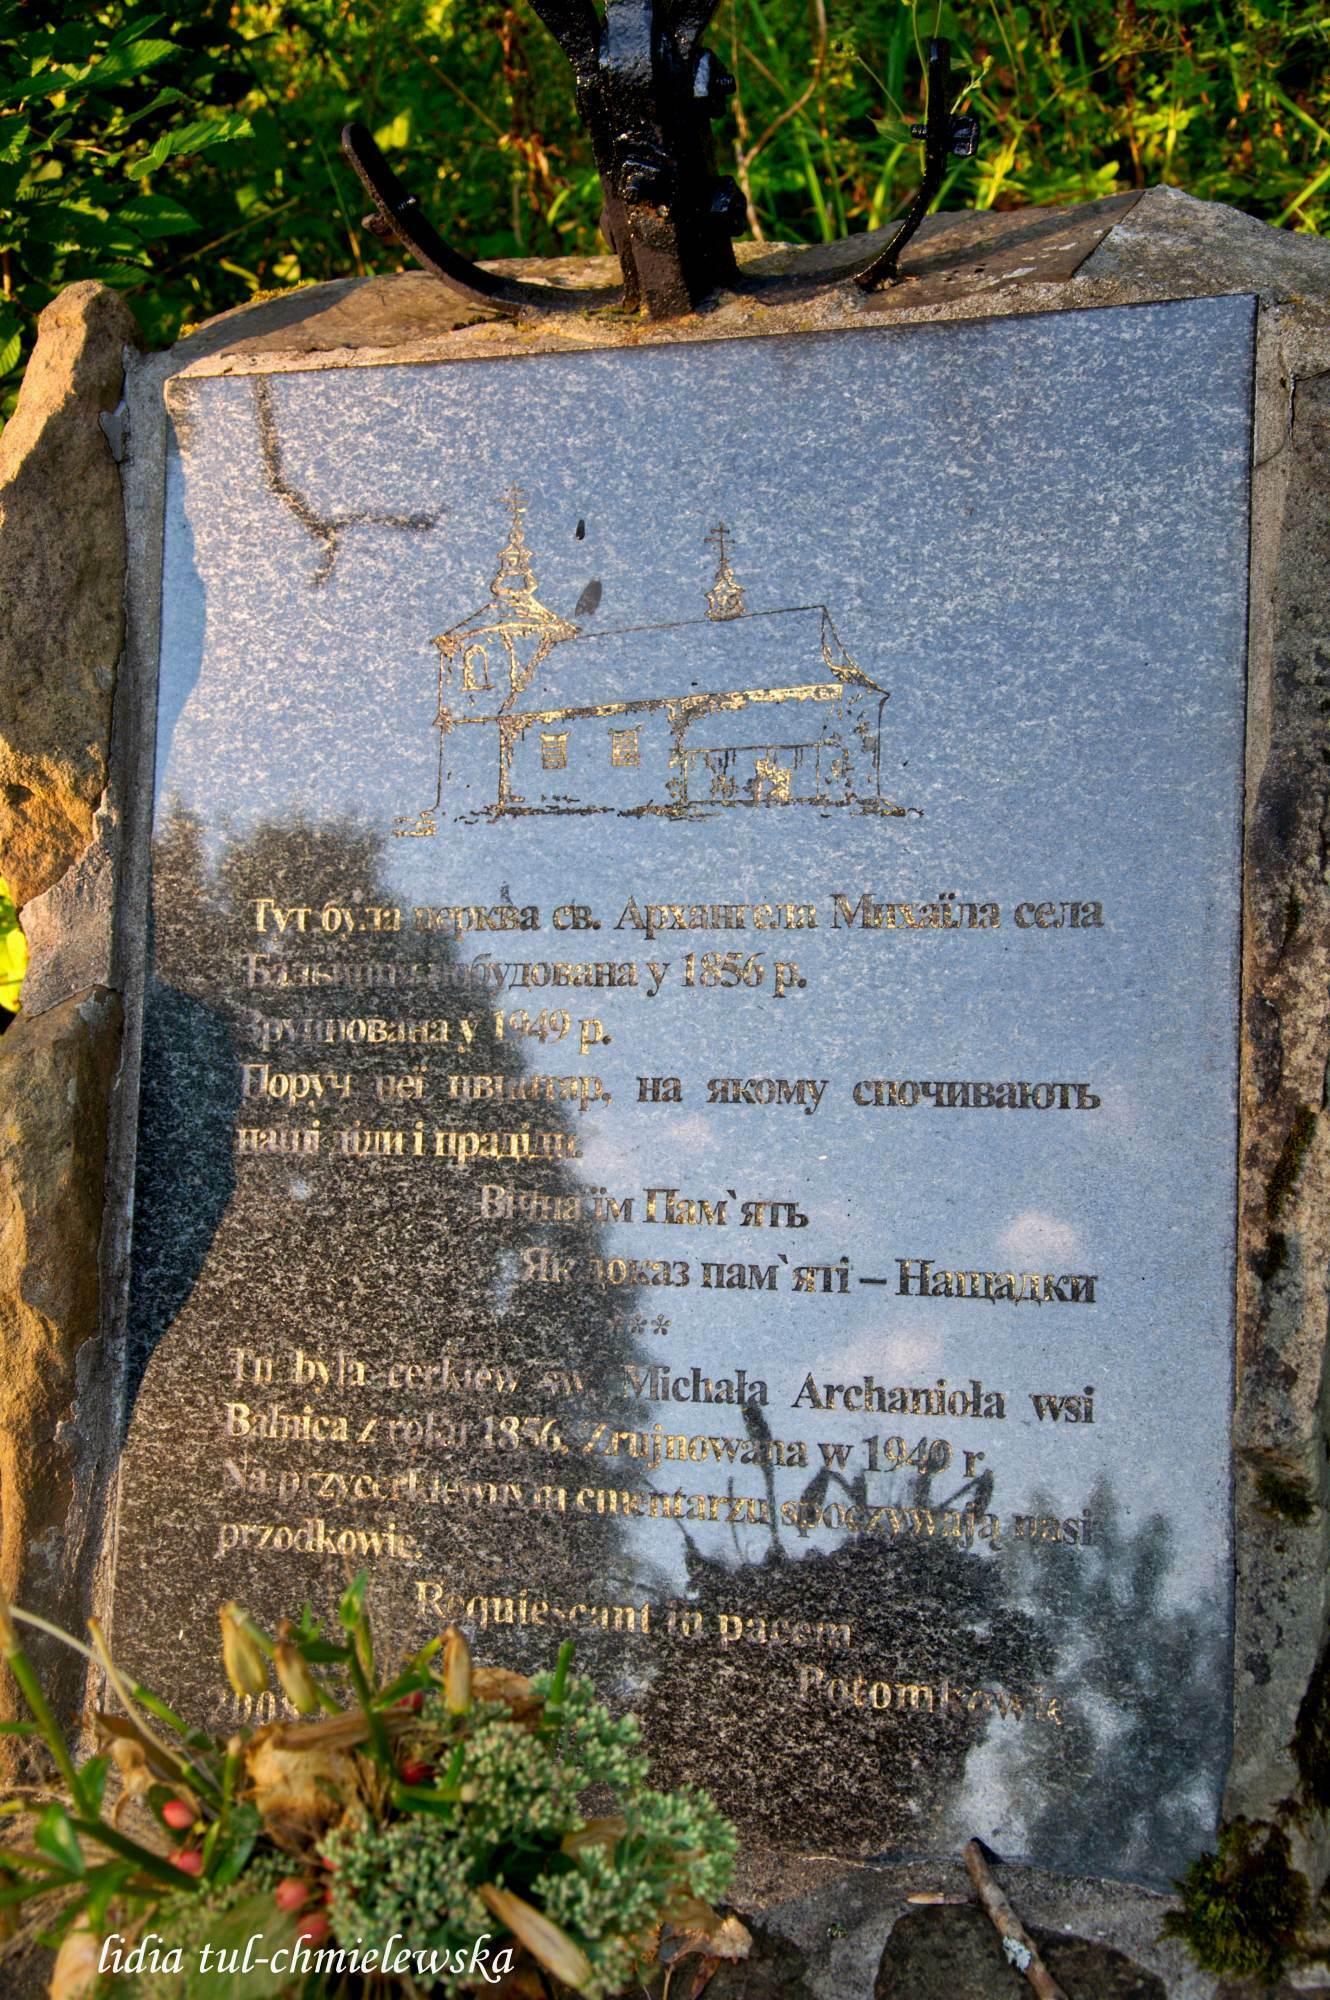 Balnica_Tablica granitowa przy krzyżu z kopuły cerkwi(0)_27